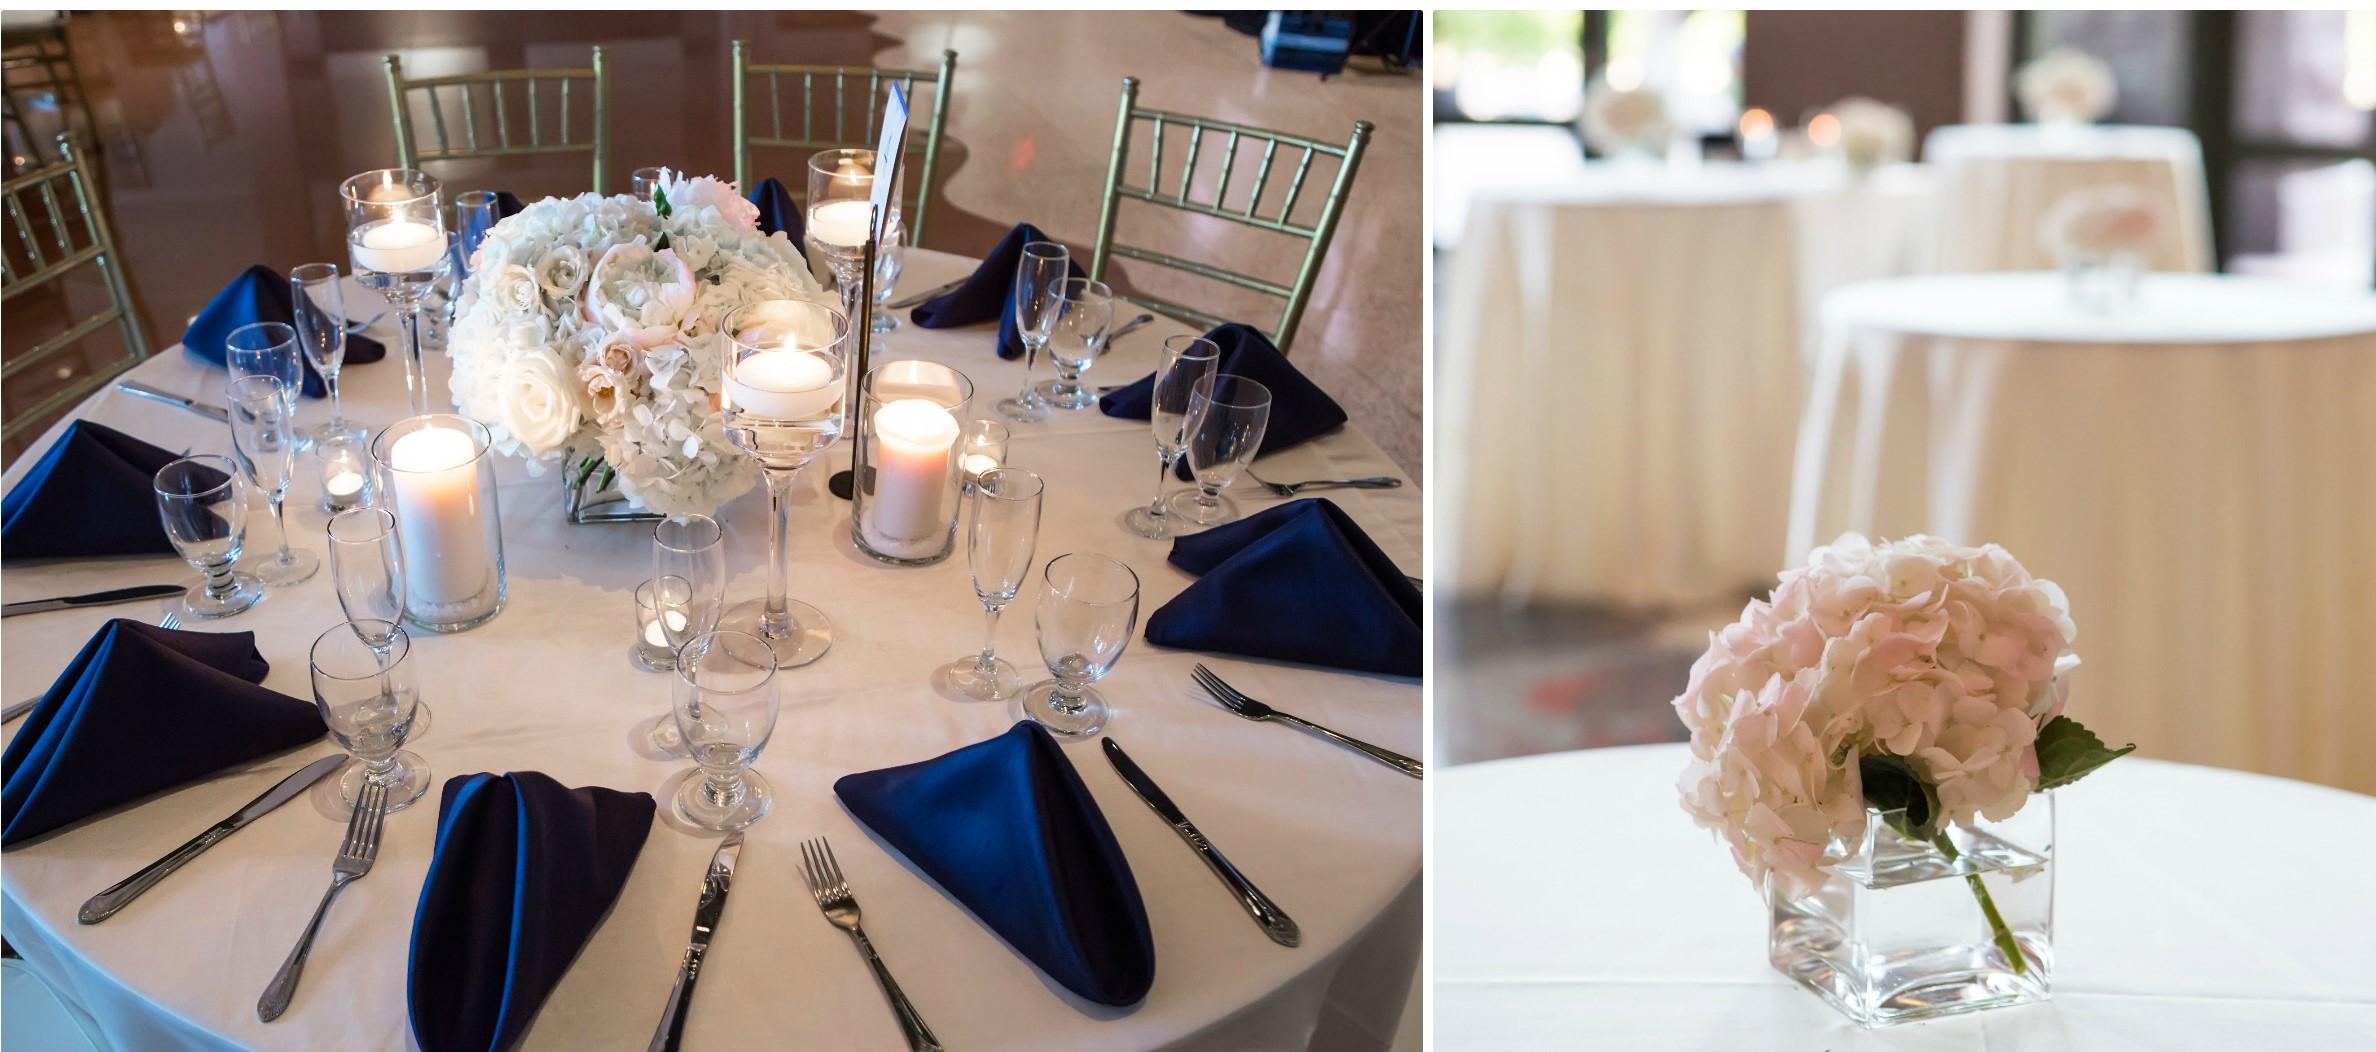 Royal Blue Wedding Reception Gallery Wedding Decoration Ideas